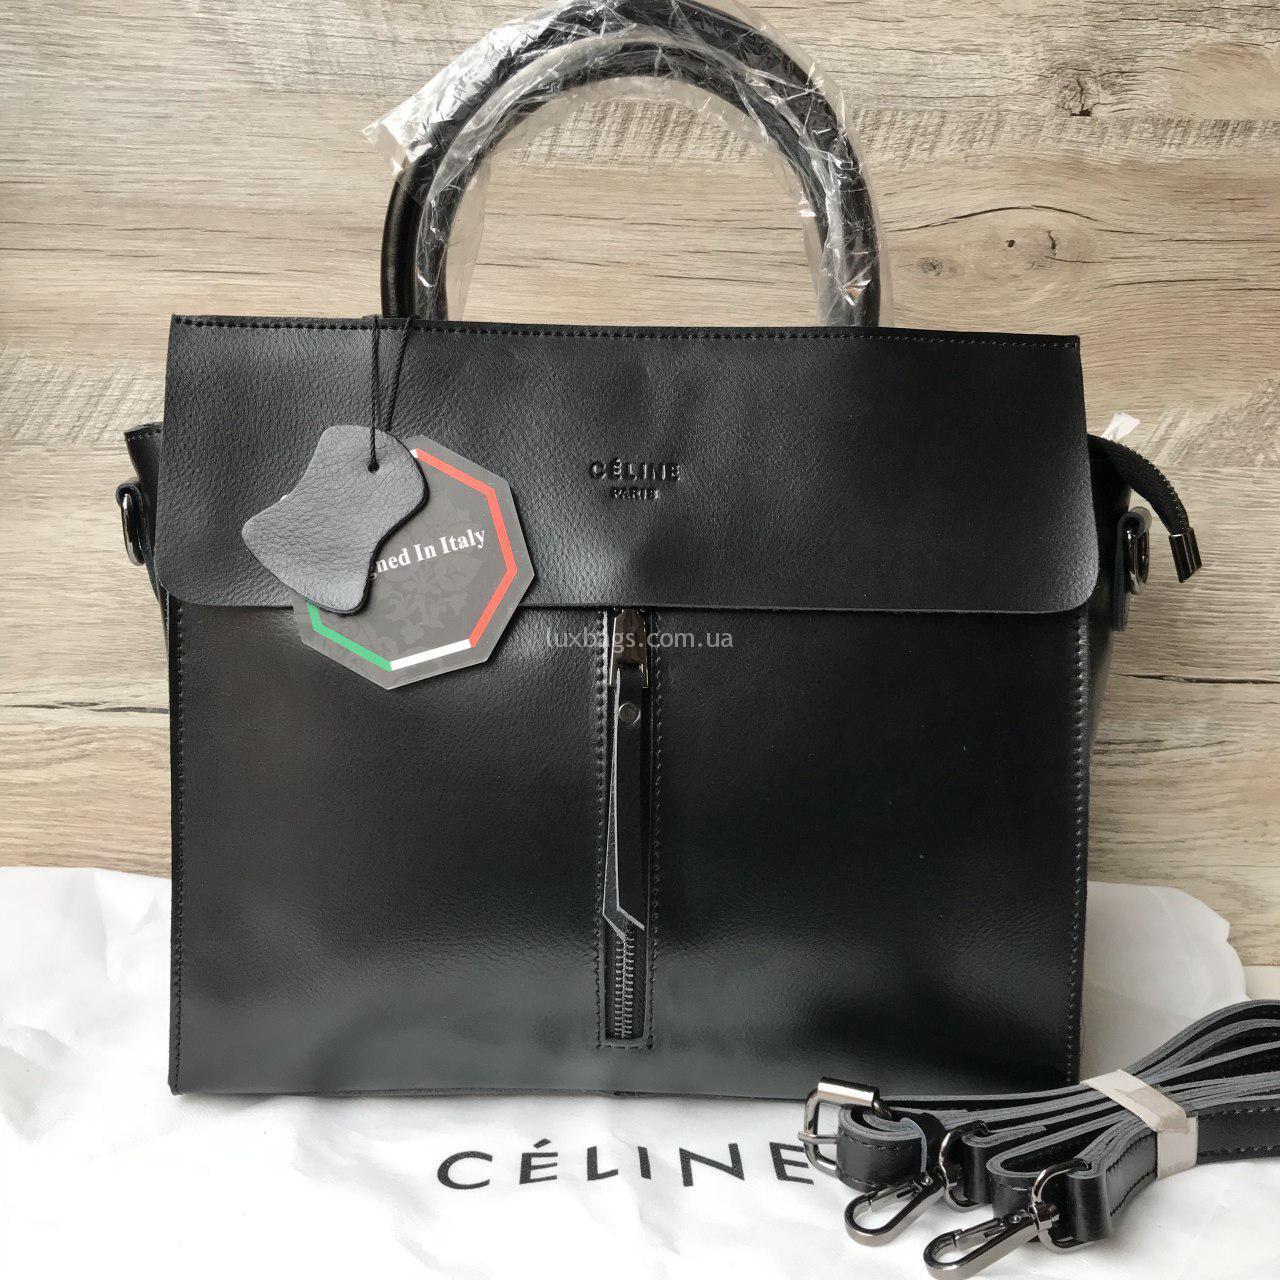 43ce7c2219f9 Женская сумка Celine (Селин) | Женские Кожаные Сумки